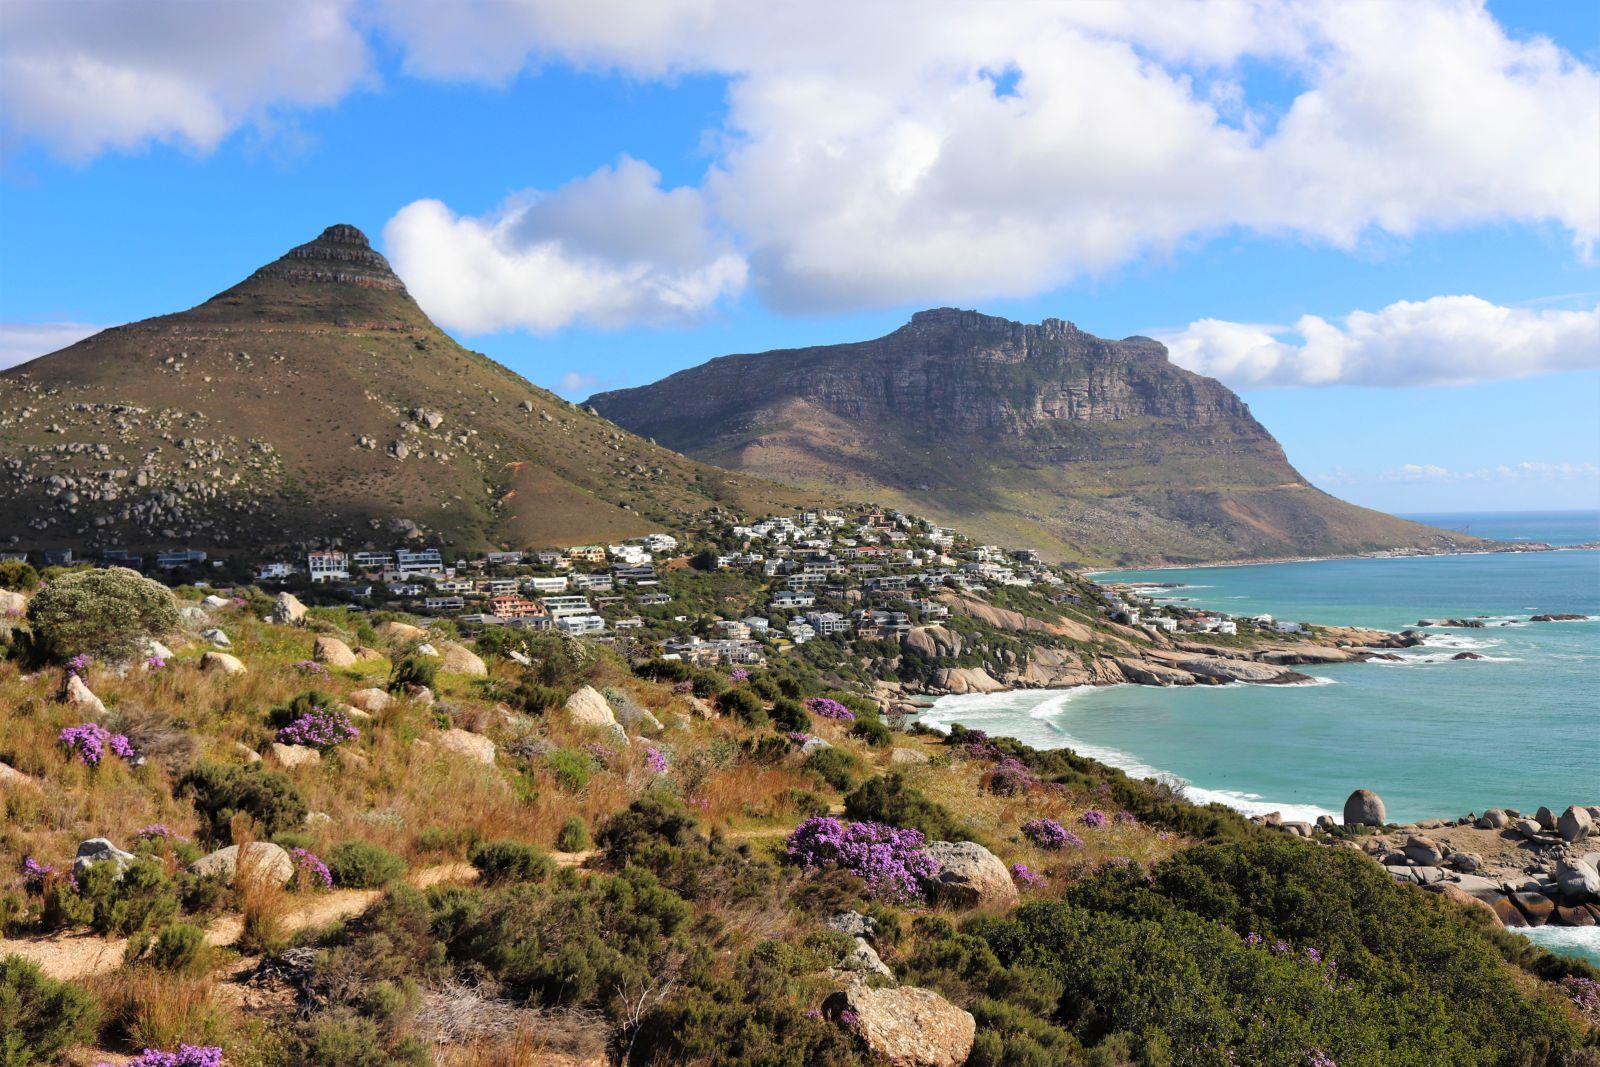 Berge und eine Küstenlandschaft von Südafrika